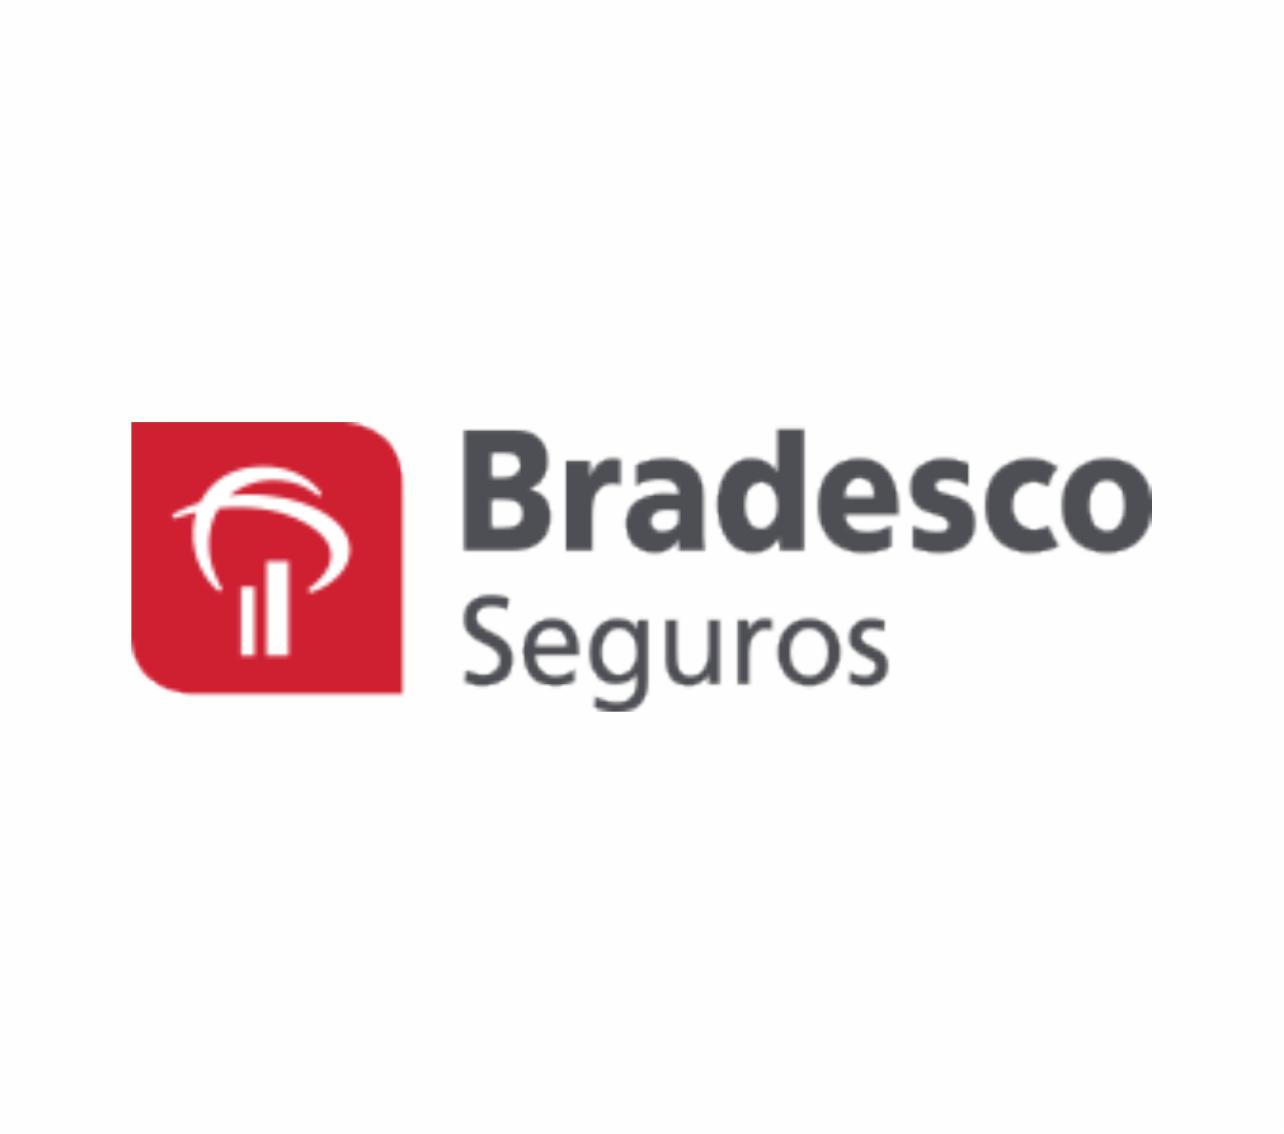 BRADESCO